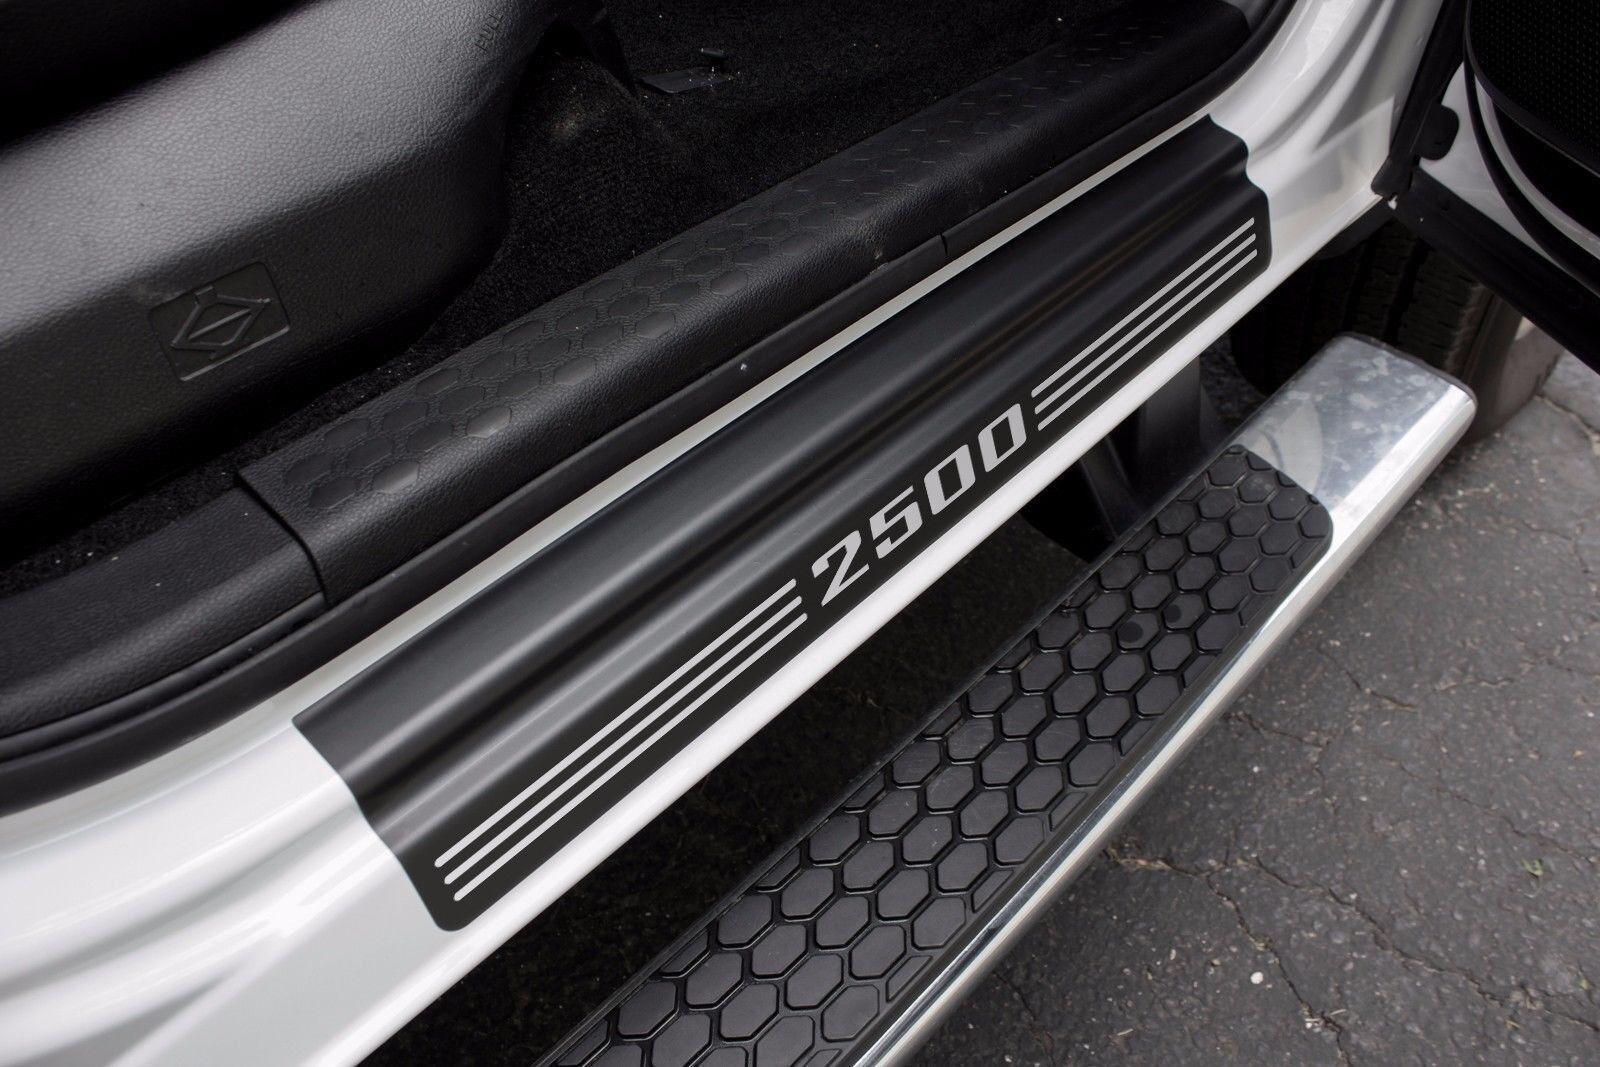 """DOOR SILL PLATE Protectors """"2500"""" fits Dodge Ram Truck 2500 2016 2017 2018 - $28.99   PicClick CA"""